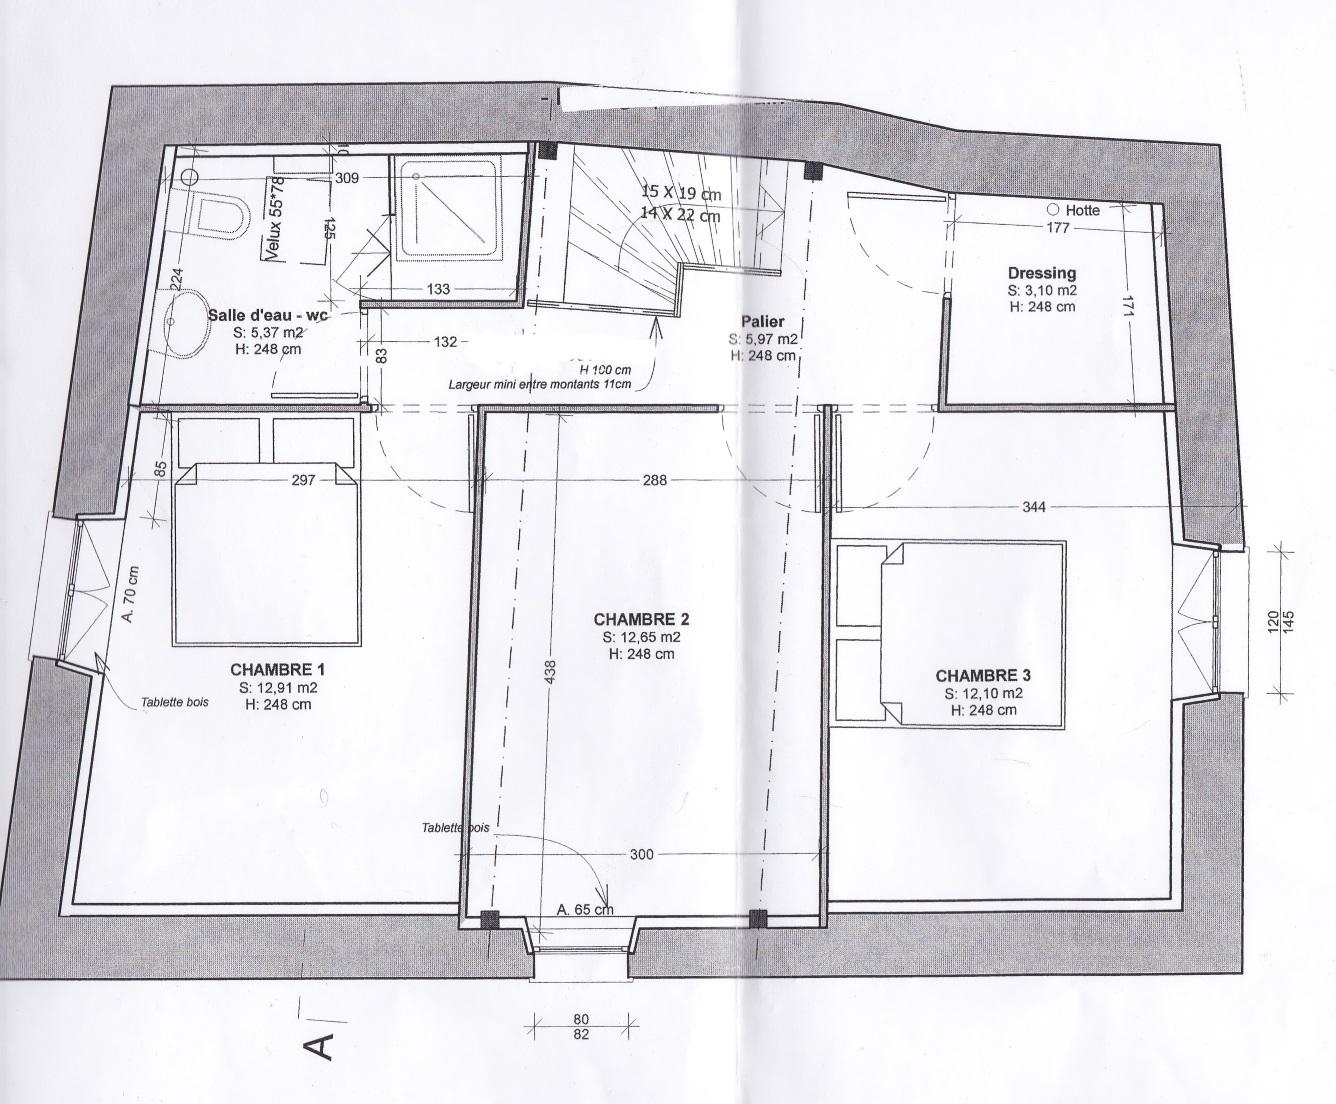 Plan prades etage 0001